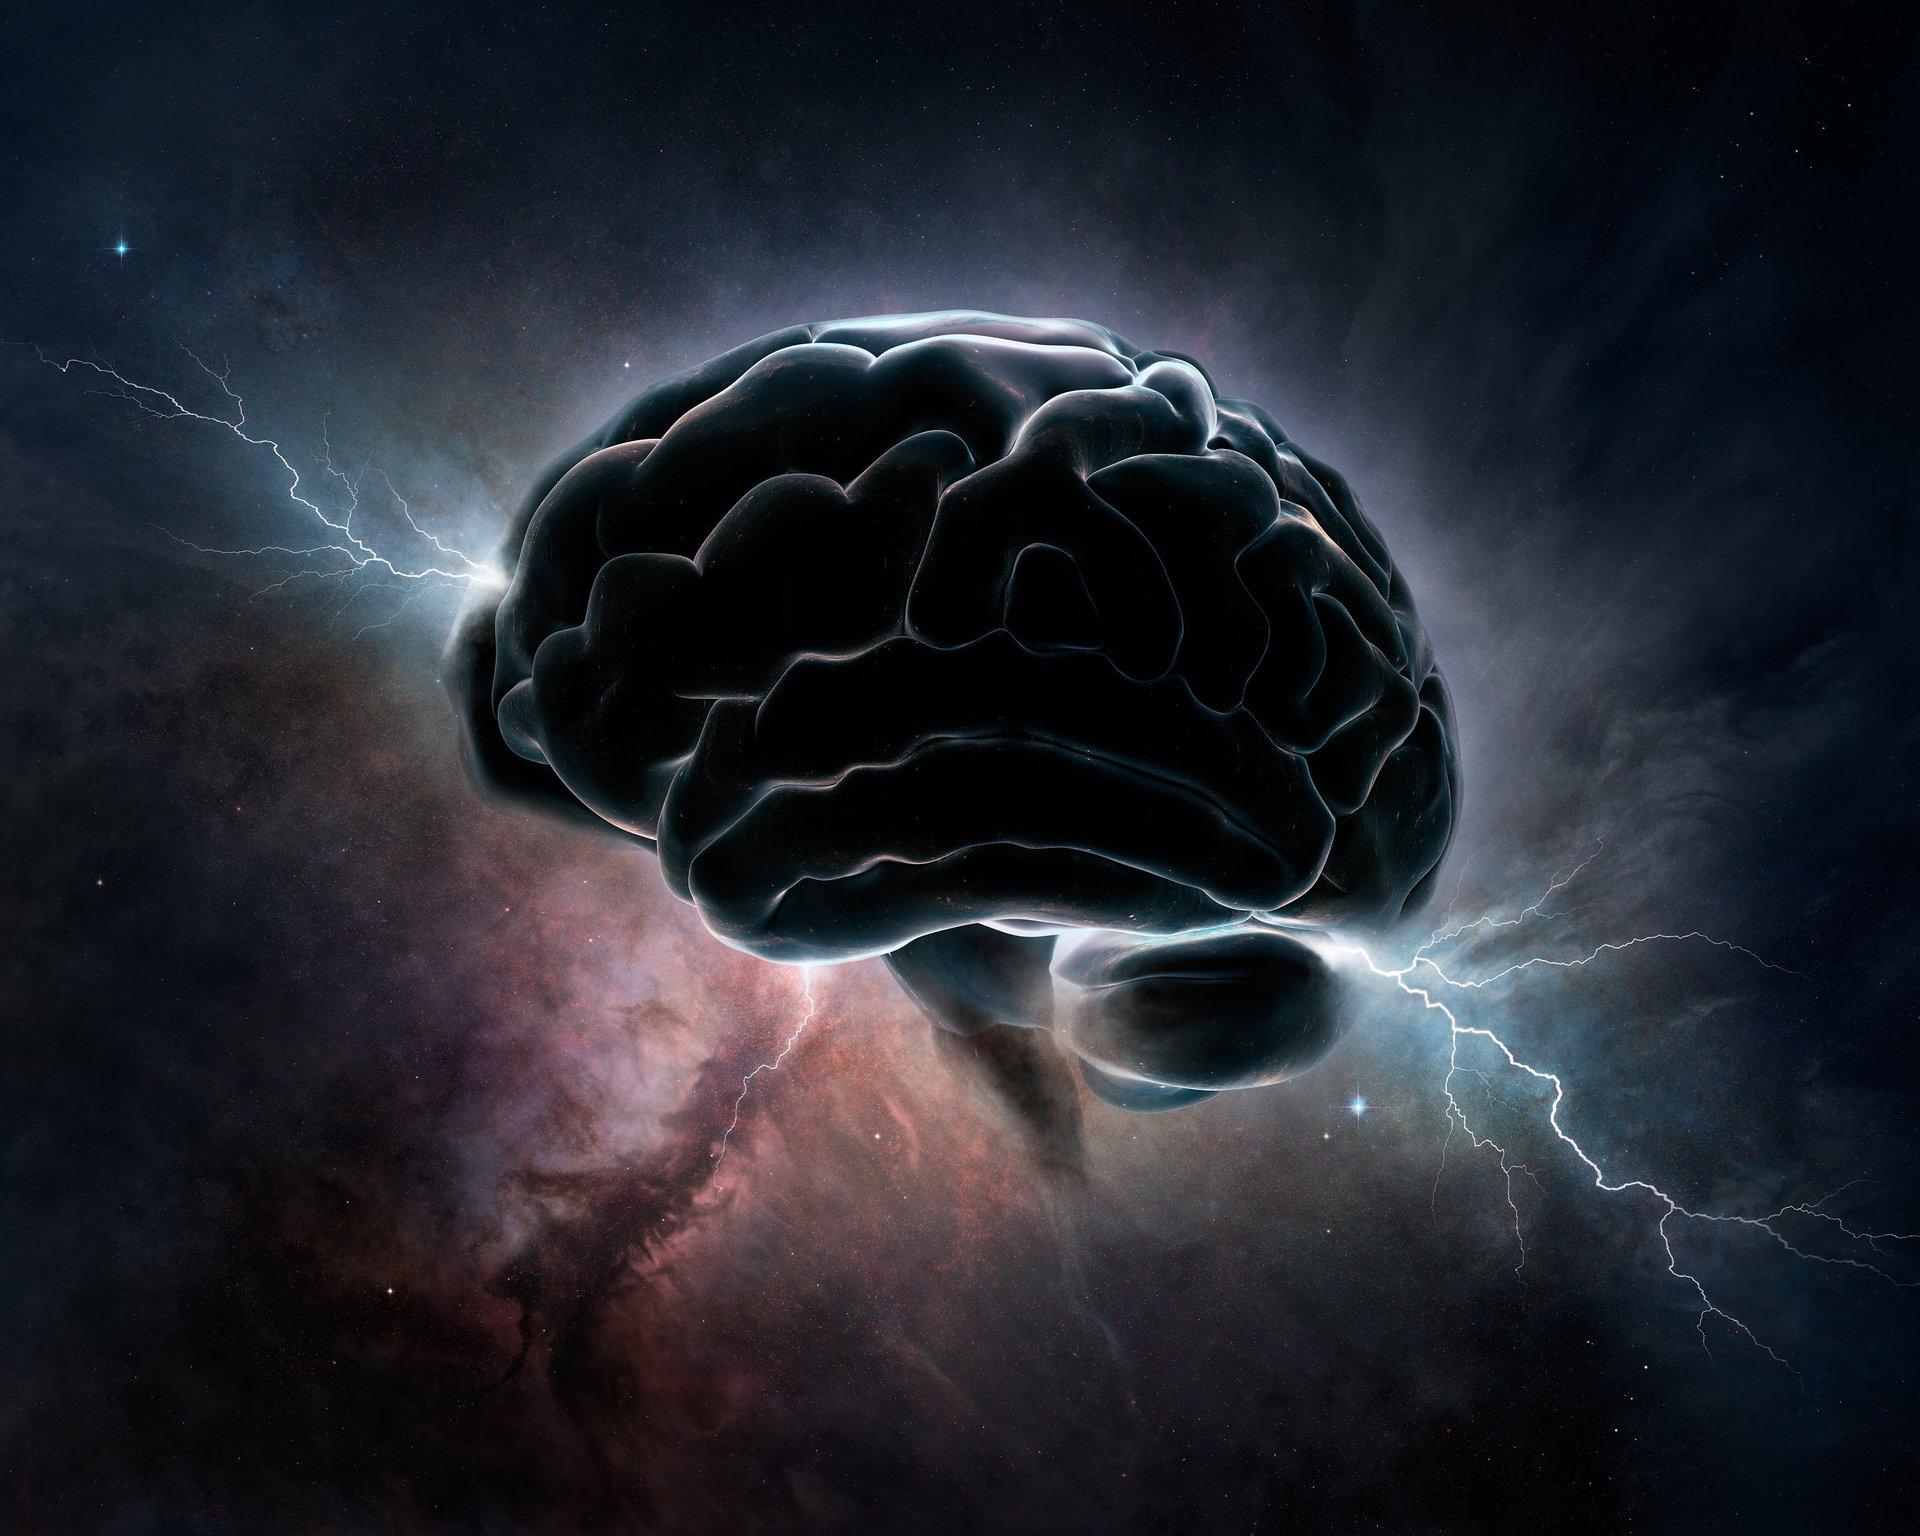 Boltzmann cerebro